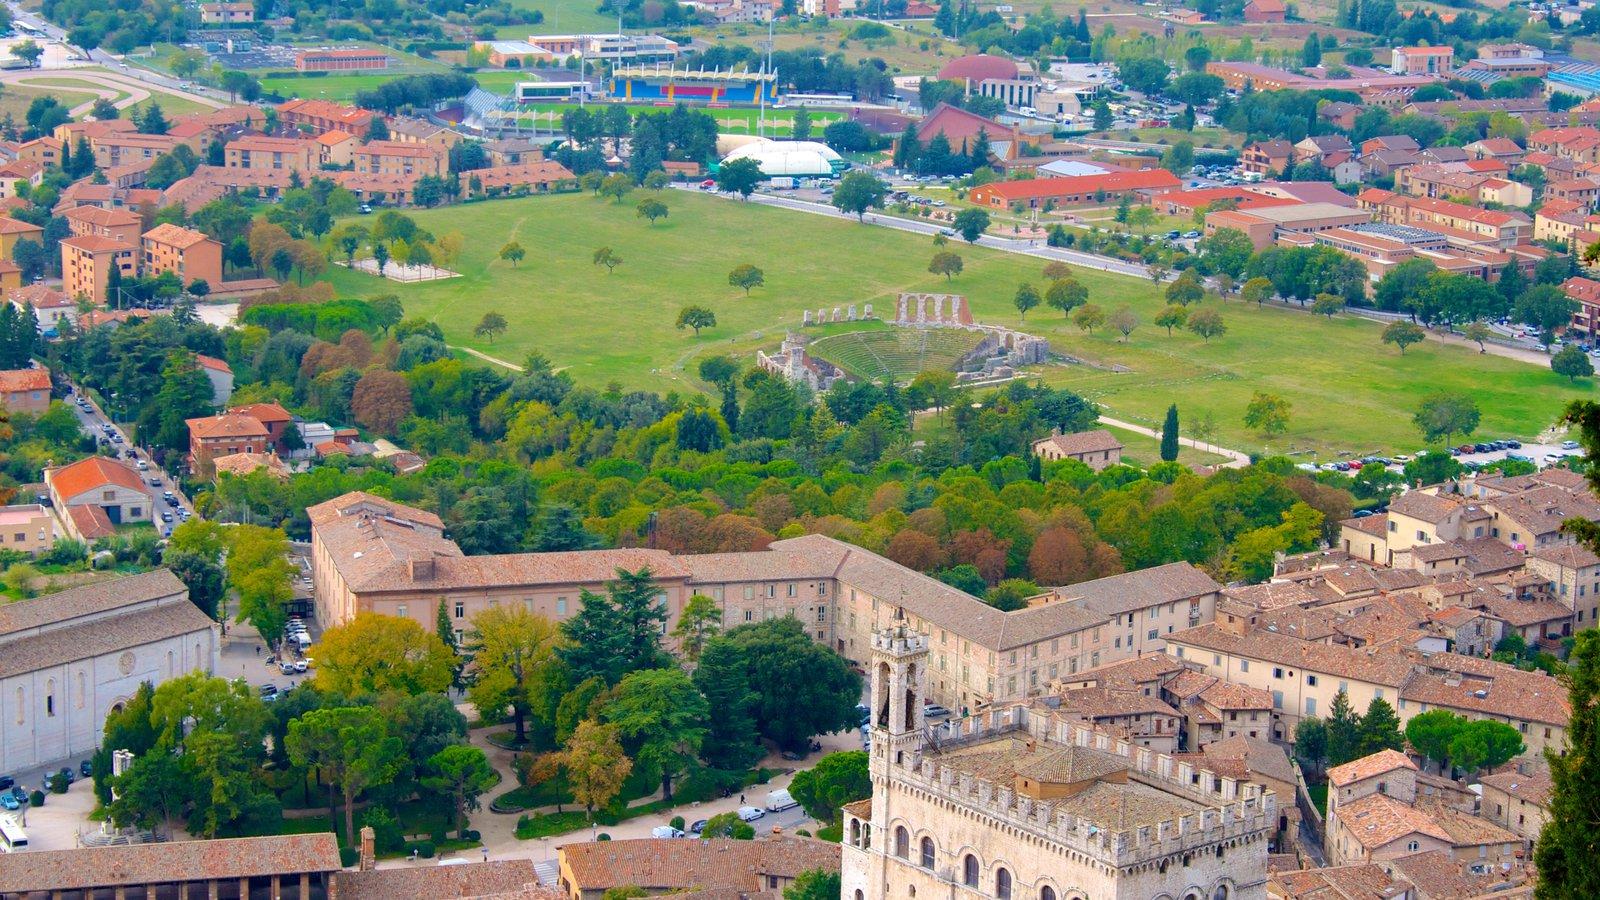 Gubbio que incluye una pequeña ciudad o pueblo y patrimonio de arquitectura